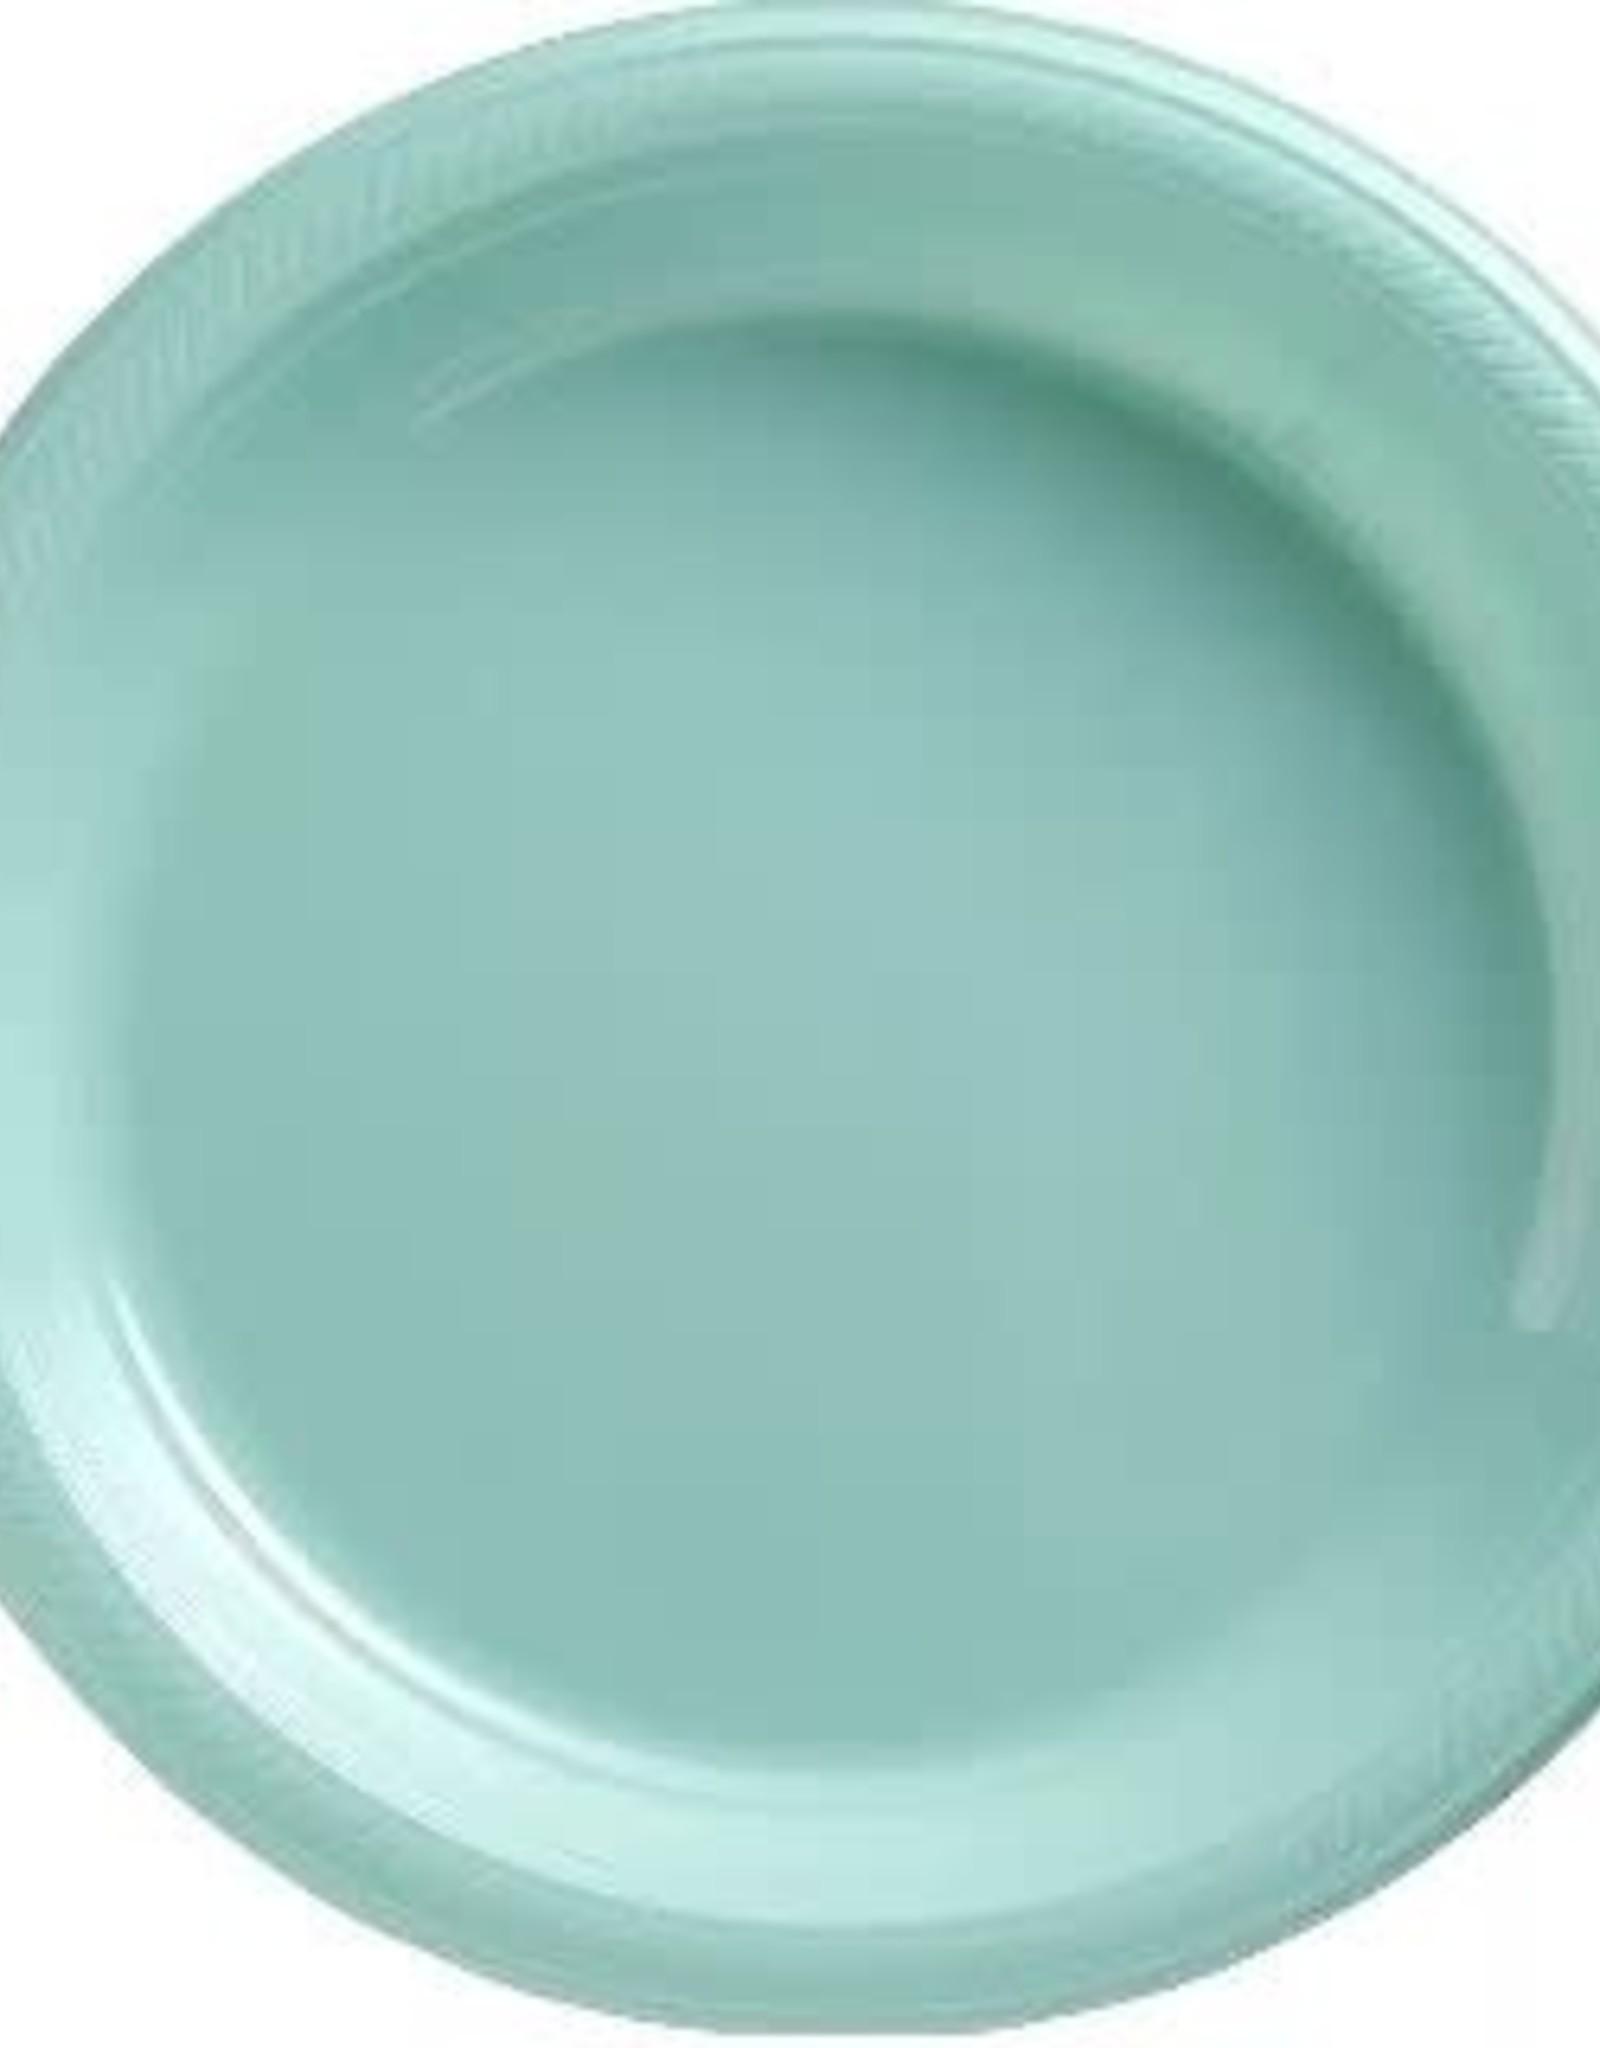 Robbin Blue 7 in Plate